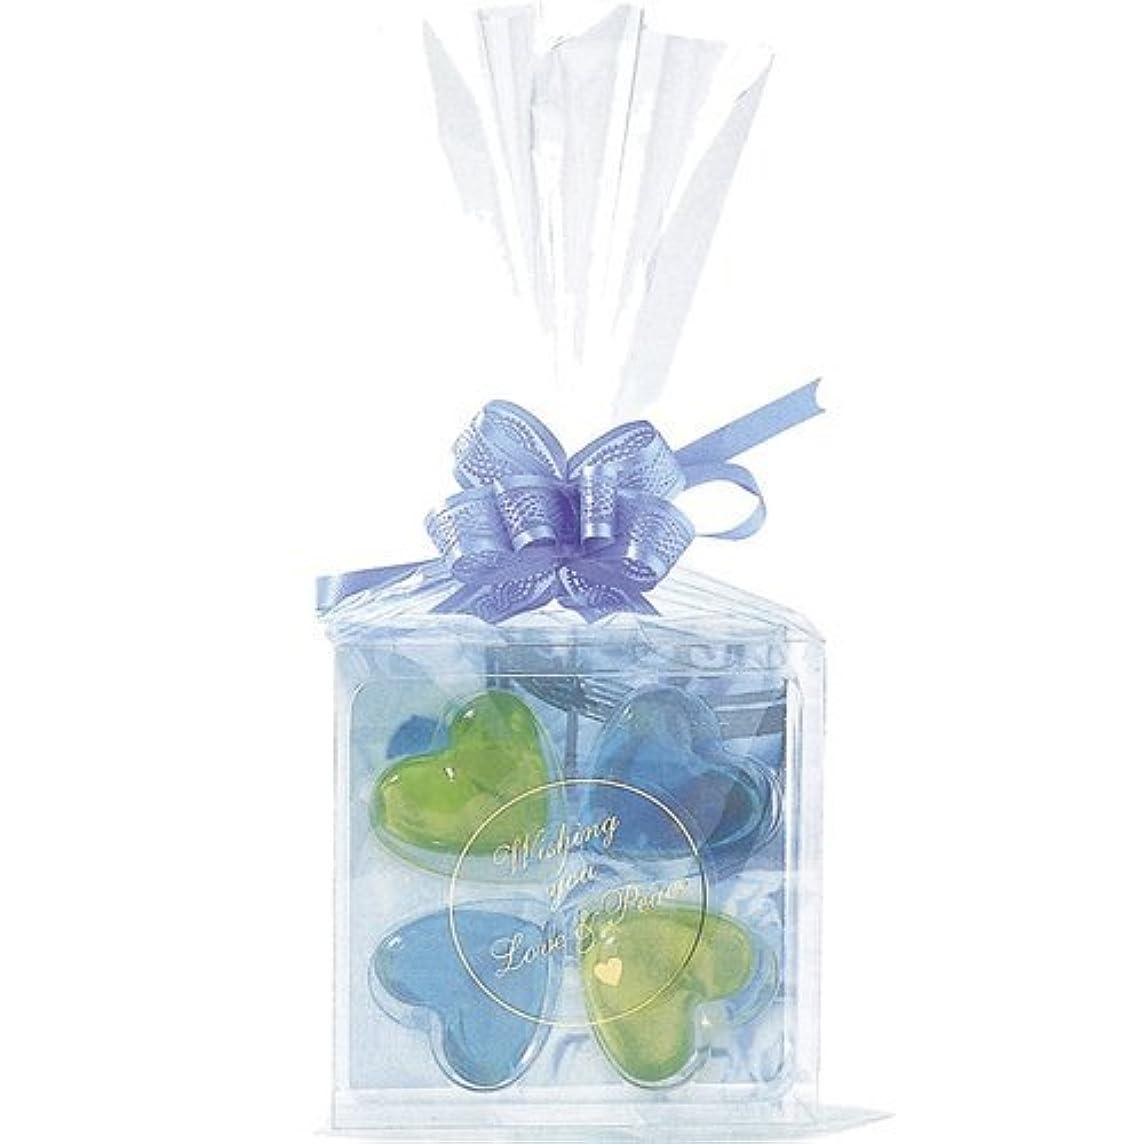 支給医師正義ジーピークリエイツ フォーチューンクローバー ブルー 入浴料セット(グリーンアップル、ベリー)